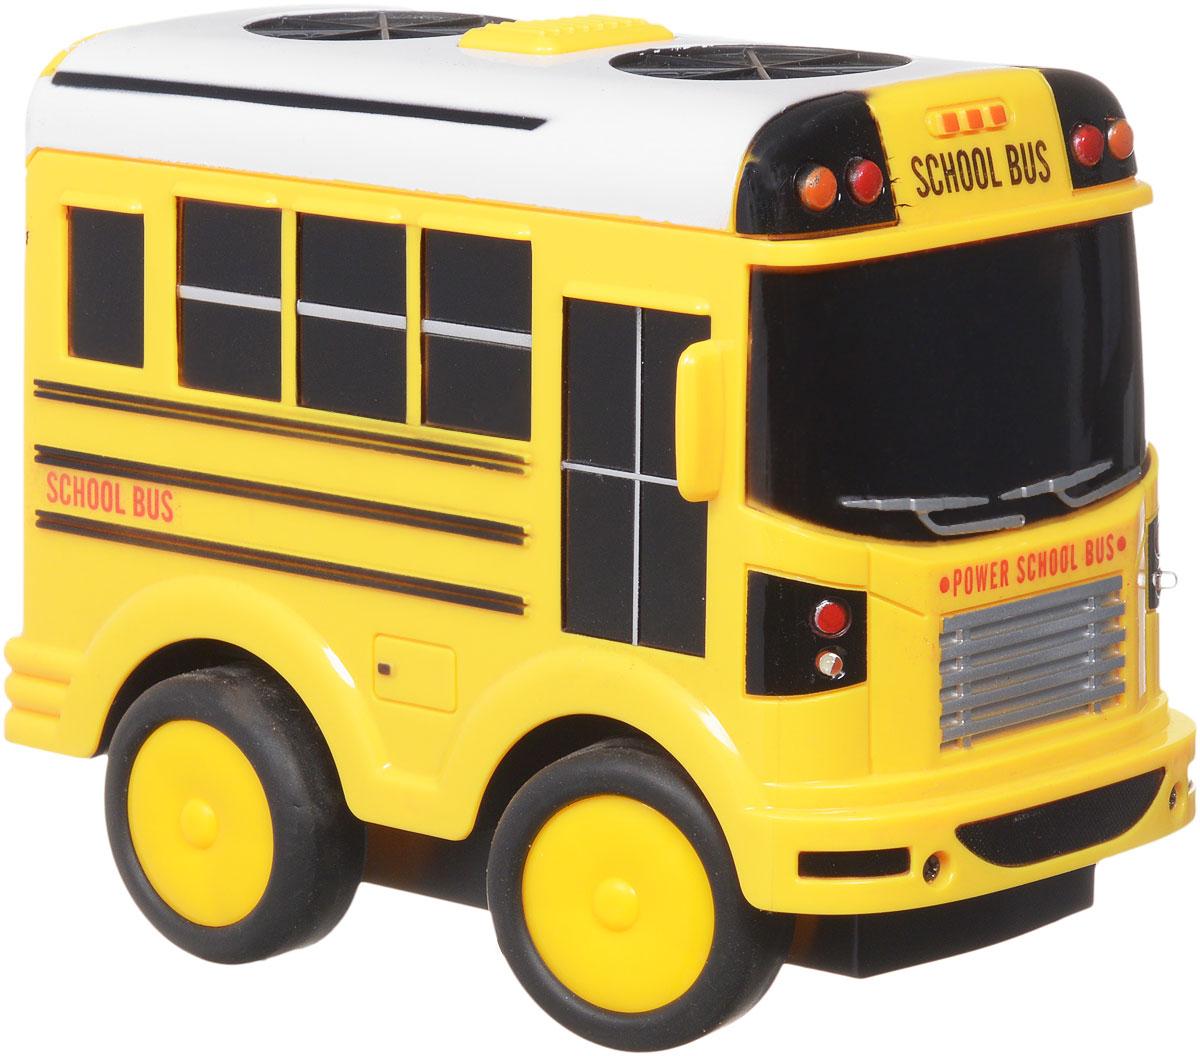 """Школьный автобус на радиоуправлении """"Zhorya"""" станет отличным подарком для вашего ребенка! Игрушка представляет собой радиоуправляемый автобус, который оснащен 2-канальным управлением, а так же световыми и звуковыми эффектами. Модель может ездить во всех направлениях. Управление осуществляется с небольшого дистанционного пульта. Для работы игрушки необходим сменный аккумулятор (входит в комплект). Для работы пульта управления необходима 1 батарейка 9Vтипа """"Крона"""" (товар комплектуется демонстрационной)."""